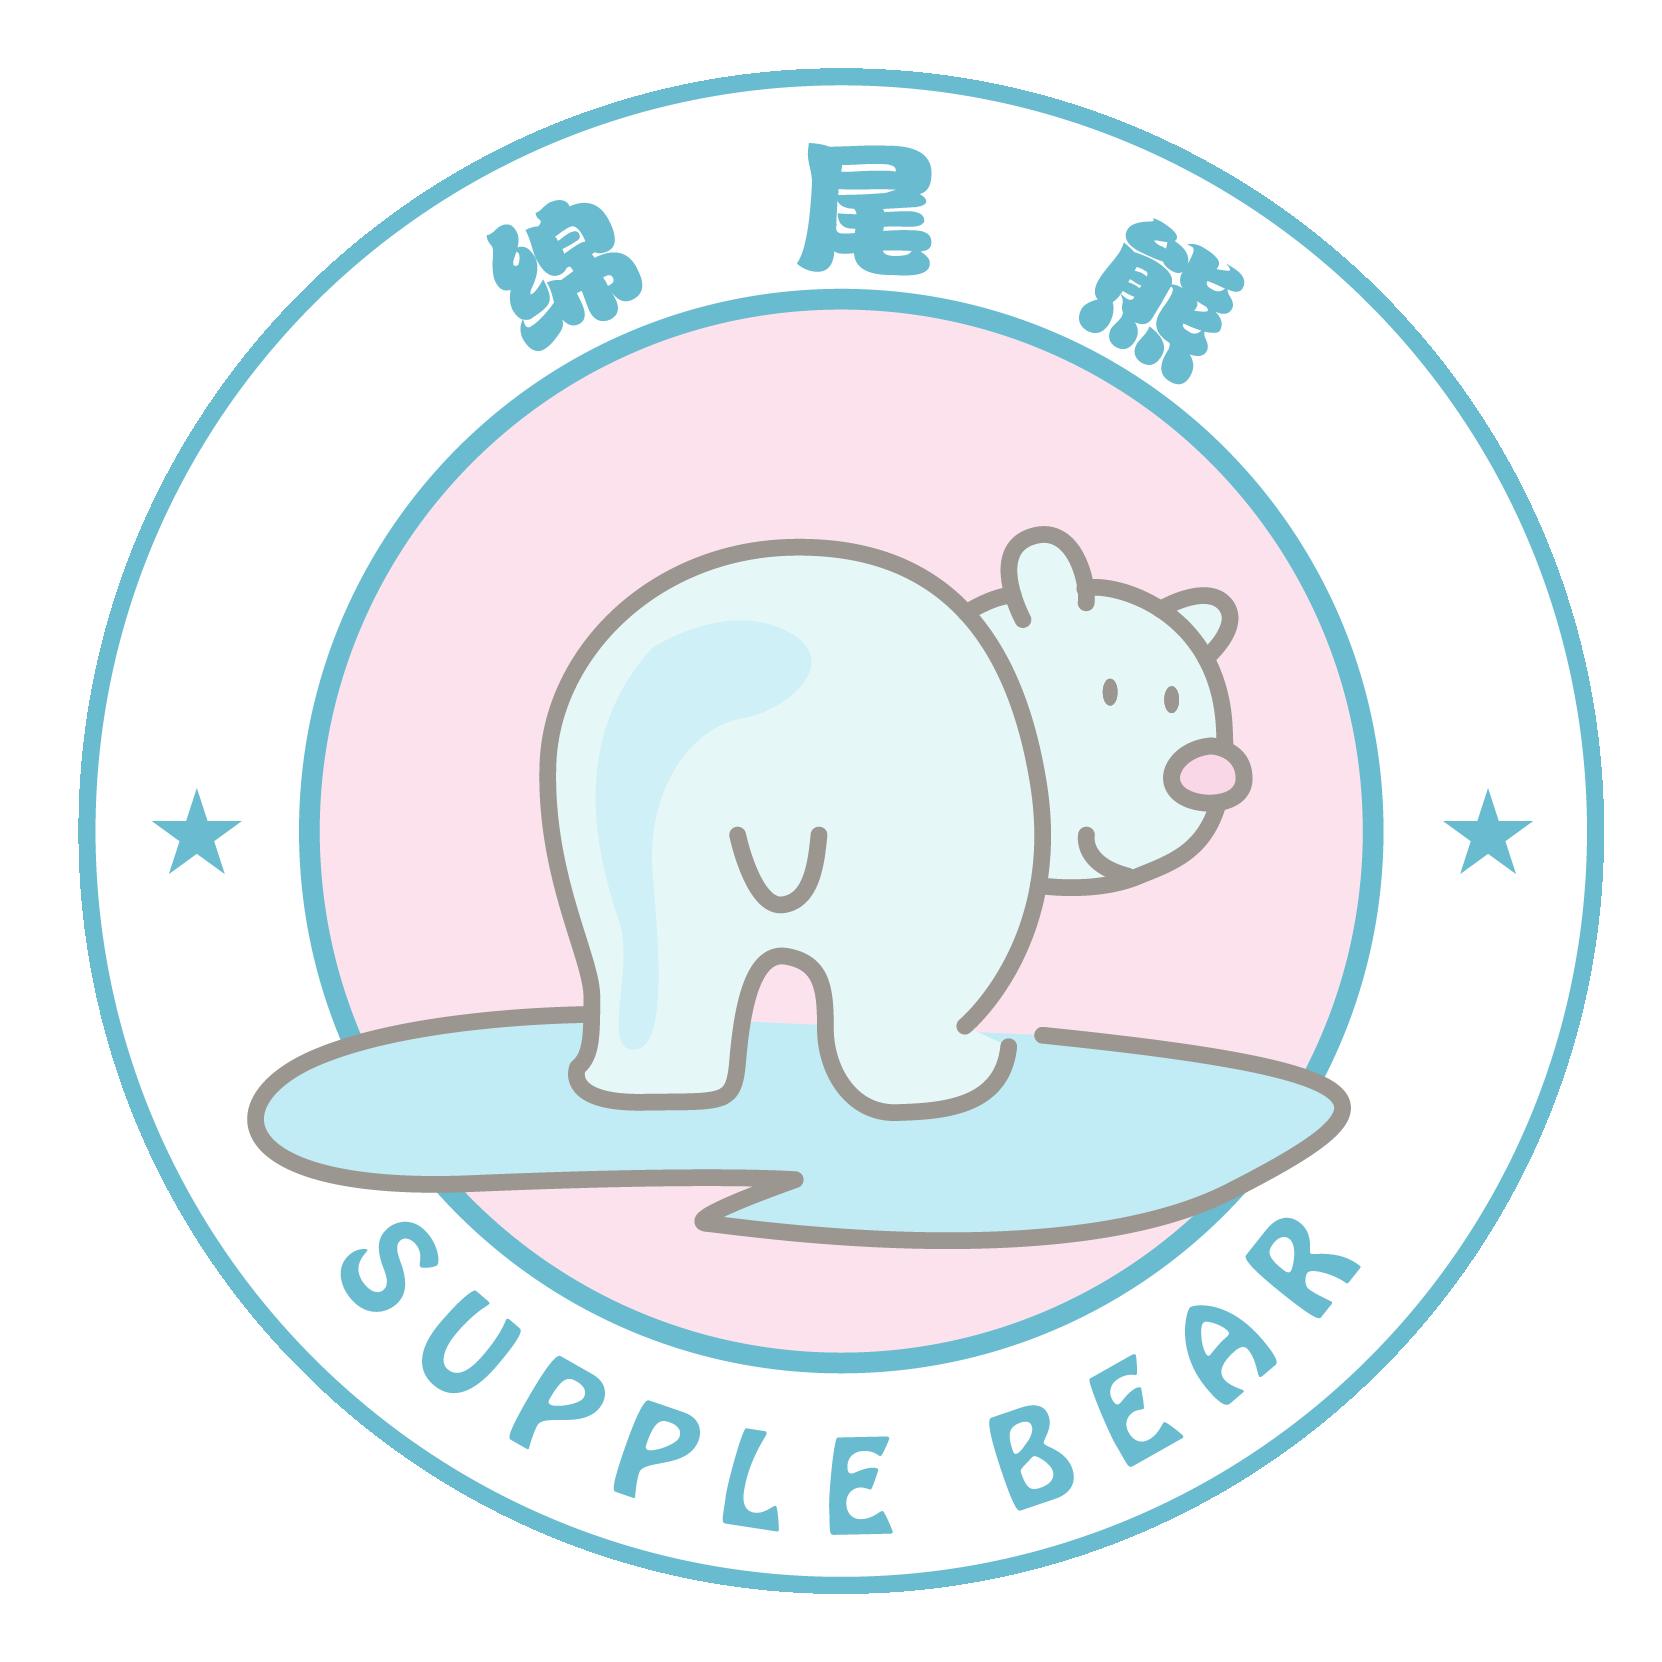 棉尾熊-儿童内衣系列logo